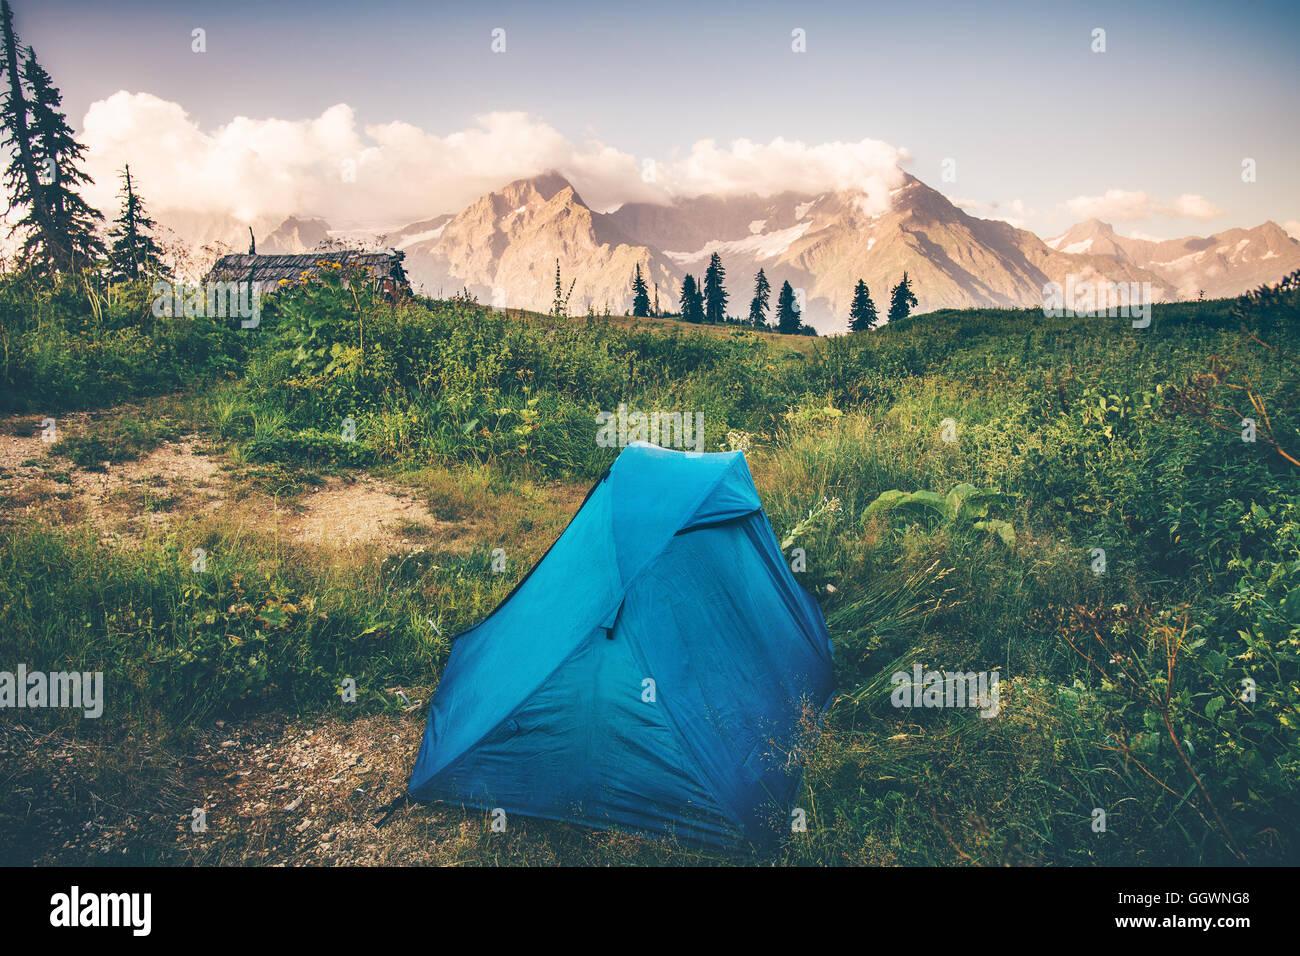 Tende da campeggio con Montagne Rocciose paesaggio Lifestyle viaggio concetto Estate Vacanze avventura all'aperto Immagini Stock